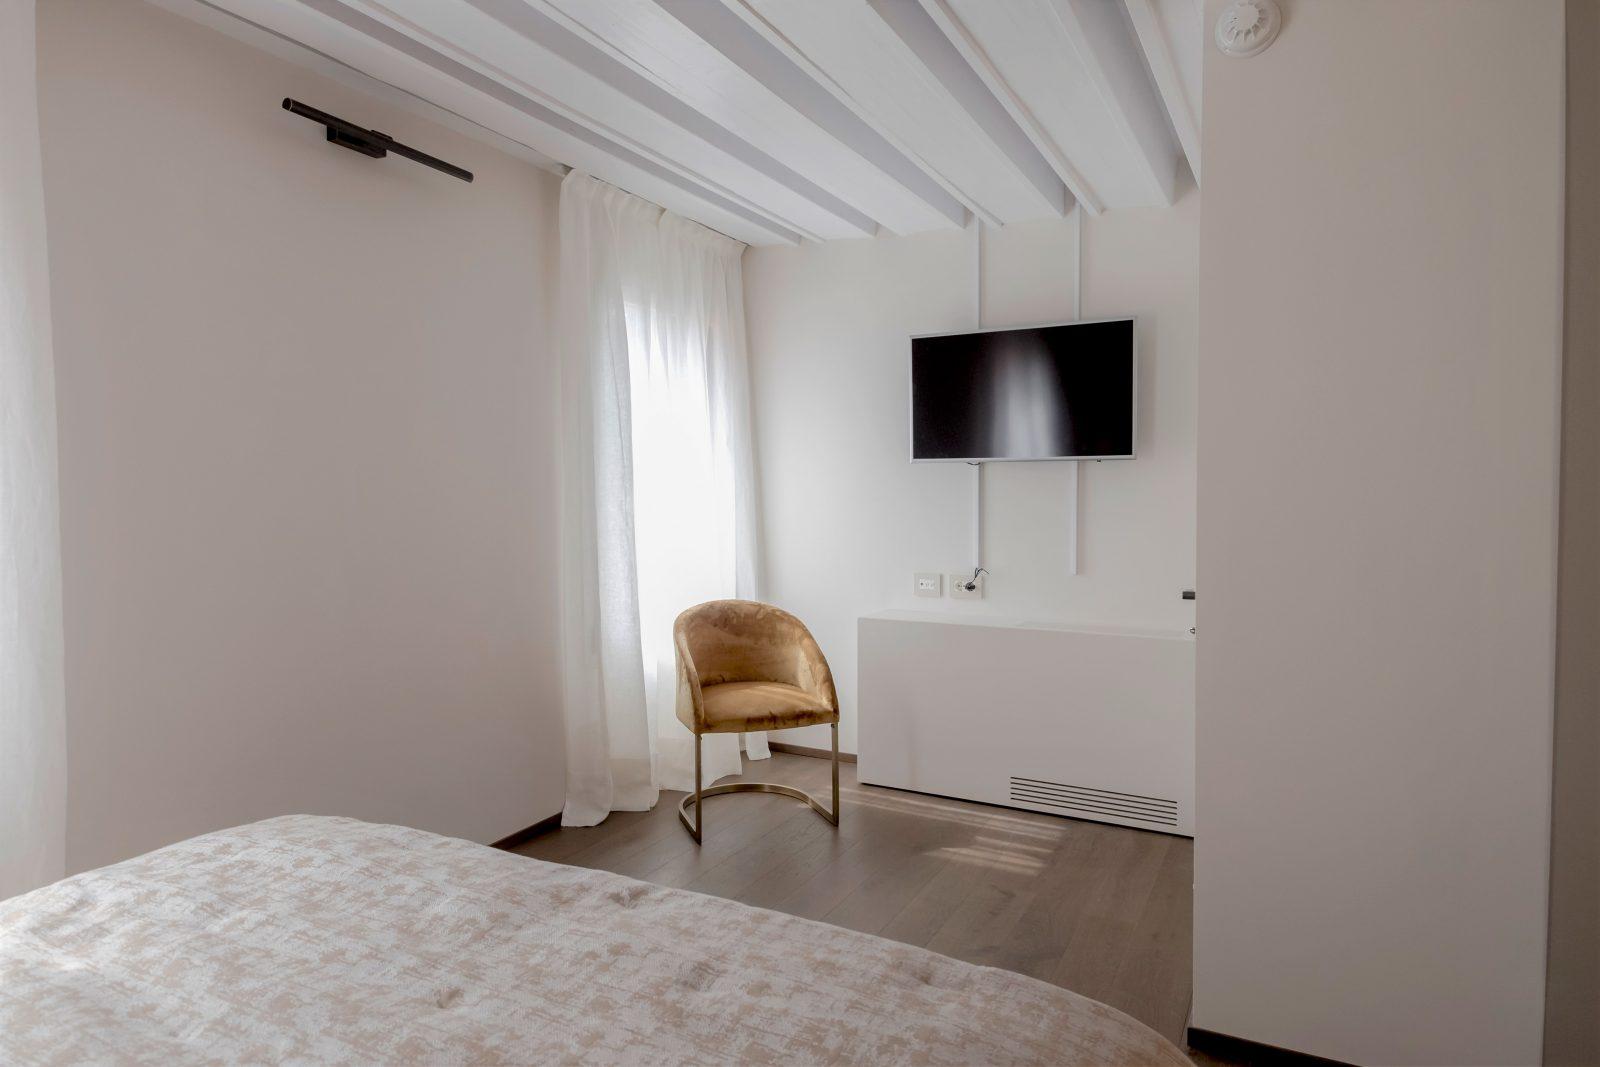 venezia-appartamento-rabarbaro-camera-letto-matrimoniale-palazzo-morosini